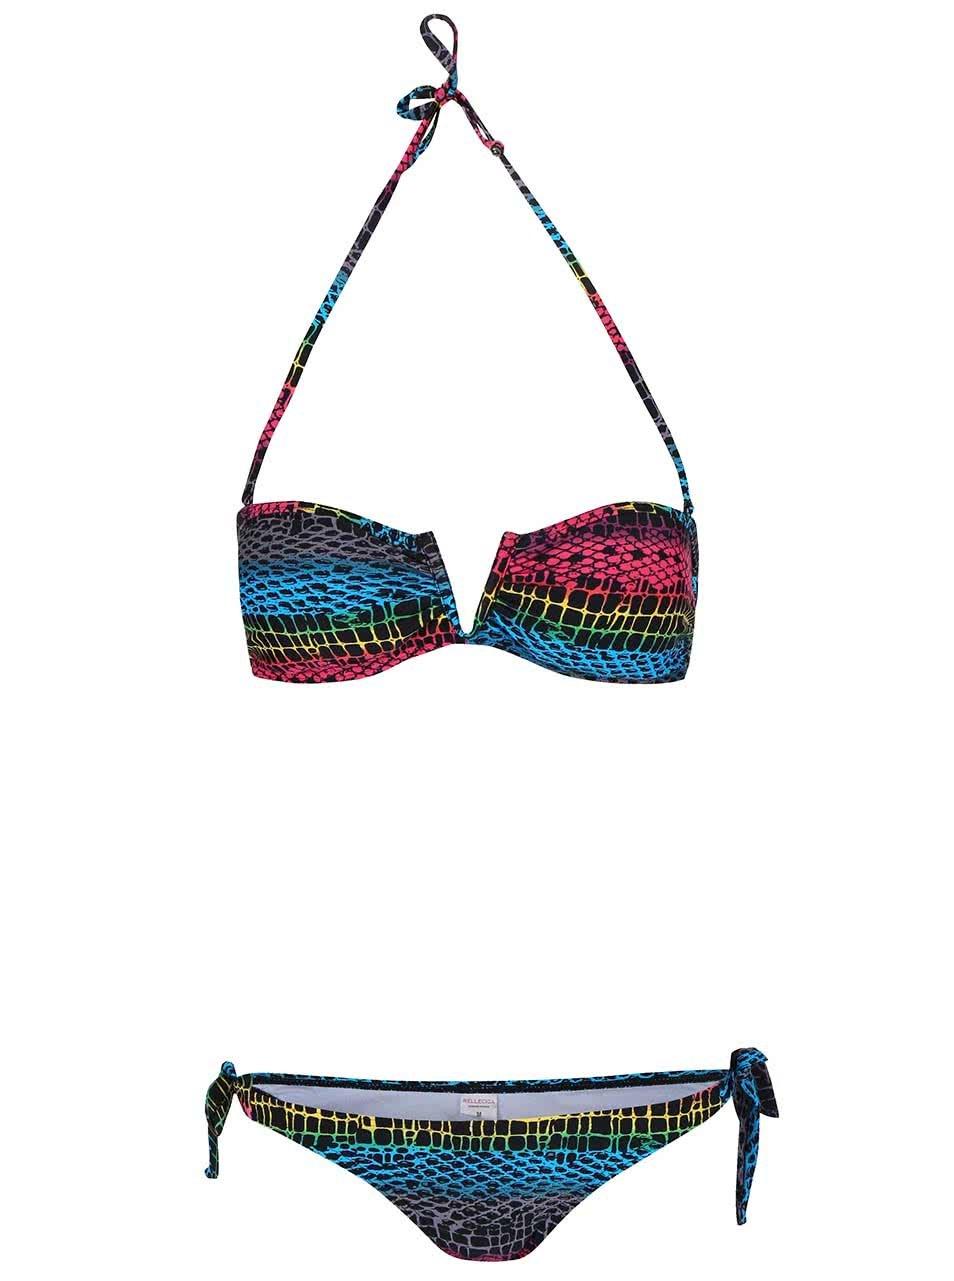 Černé dvoudílné plavky s barevnými vzory Relleciga